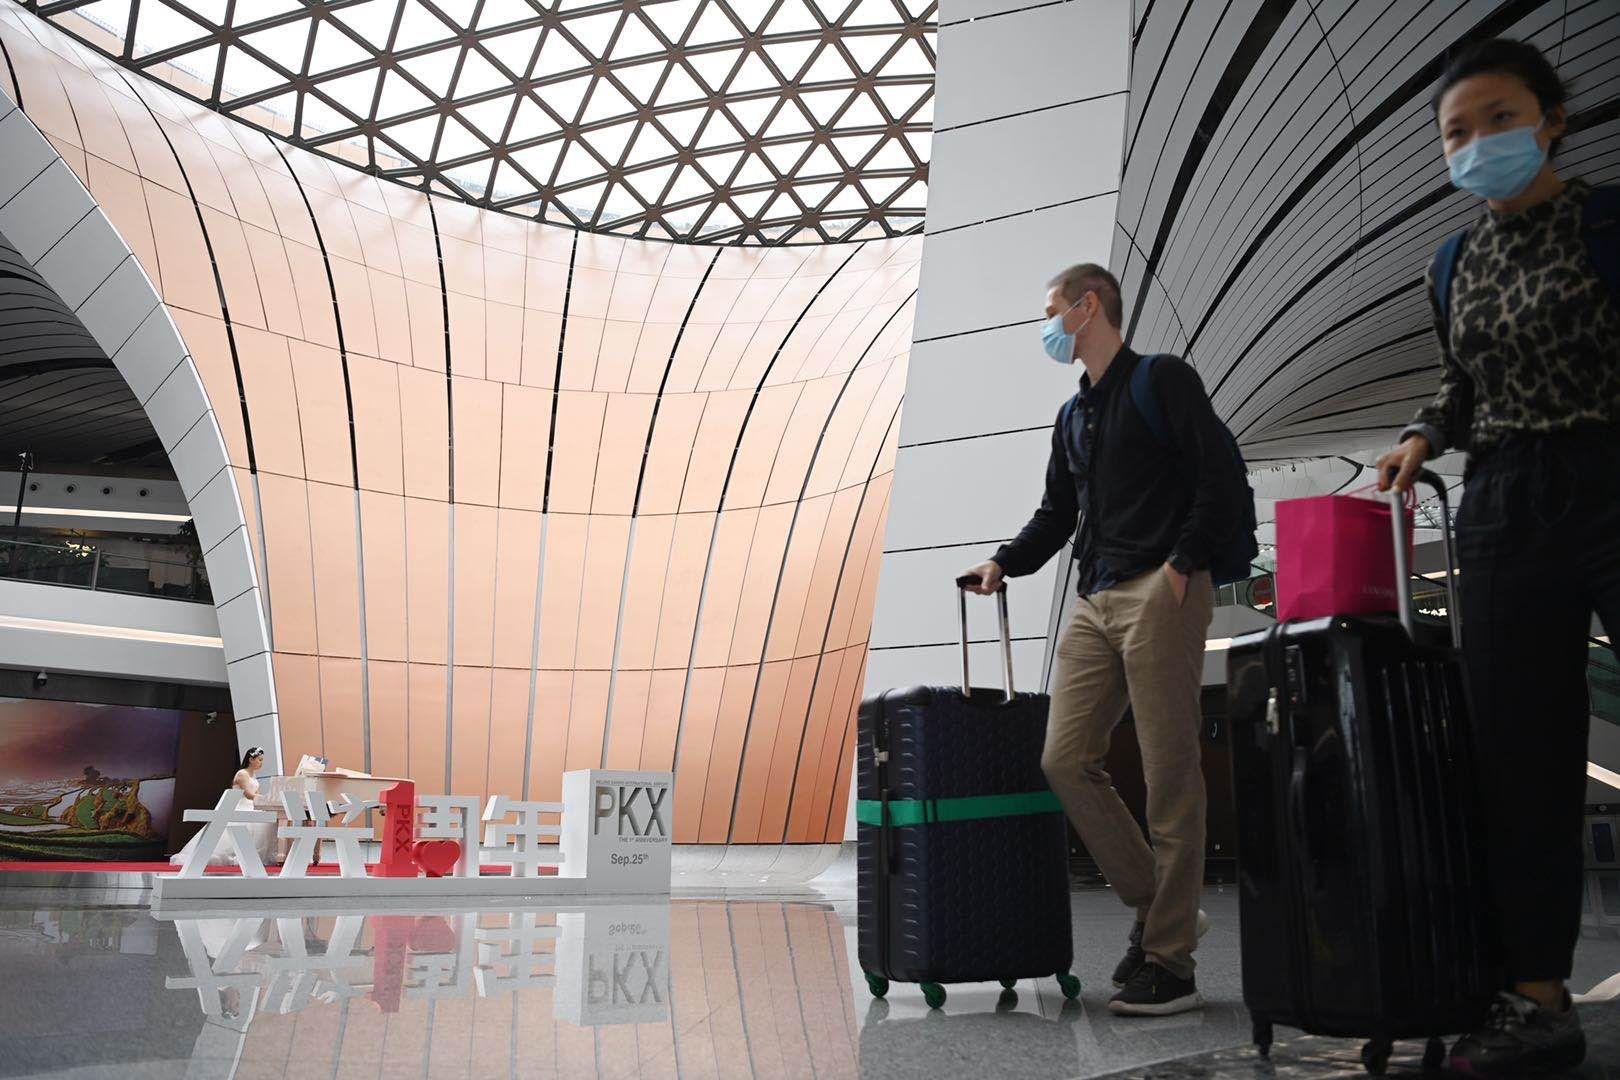 大兴机场国庆假期热门航线机票紧张,出行高峰下周二开始图片